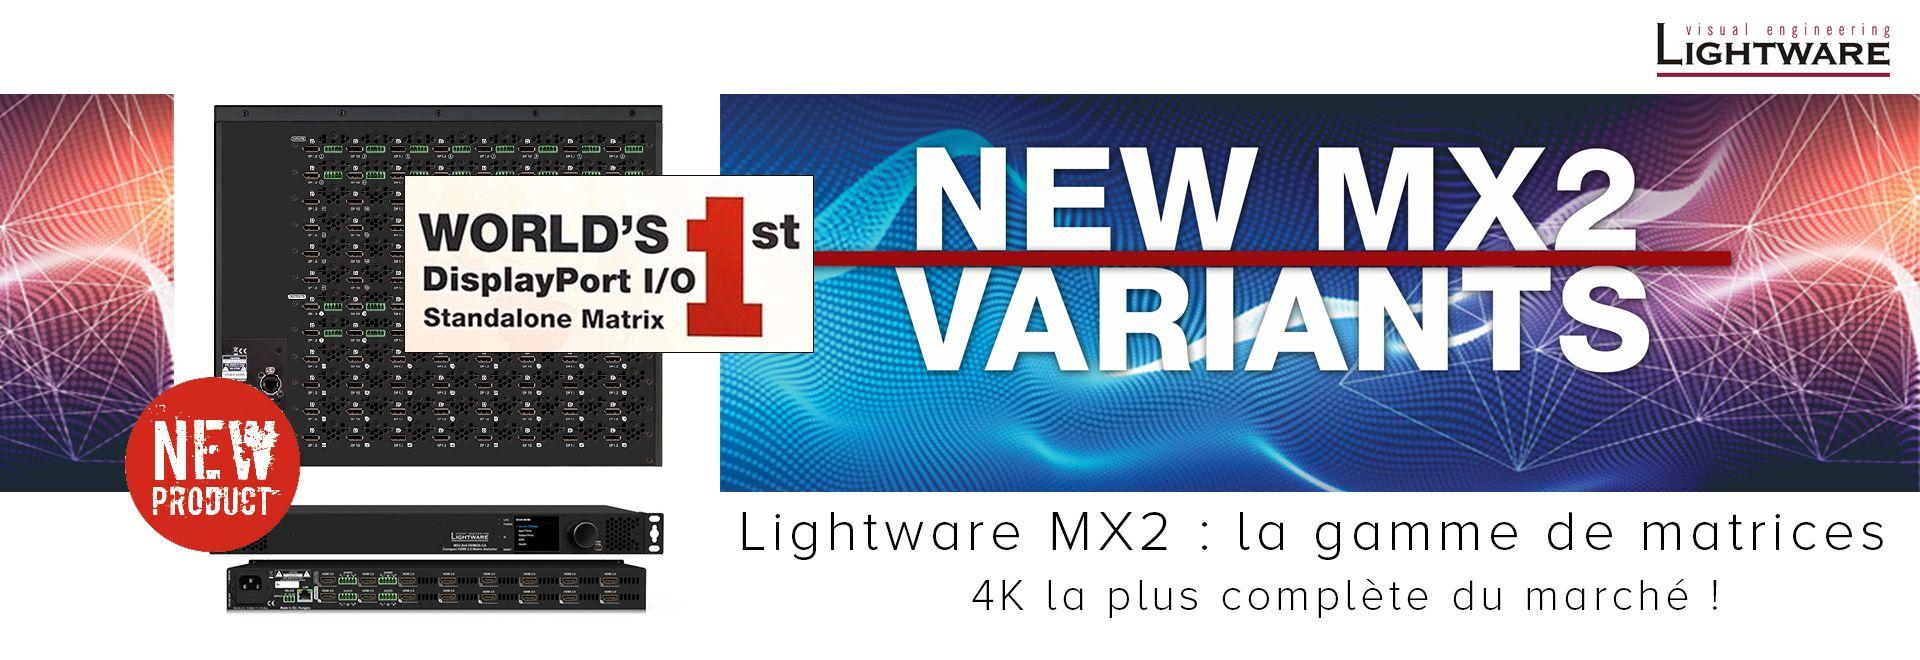 La gamme de matrices 4K la plus complète du marché